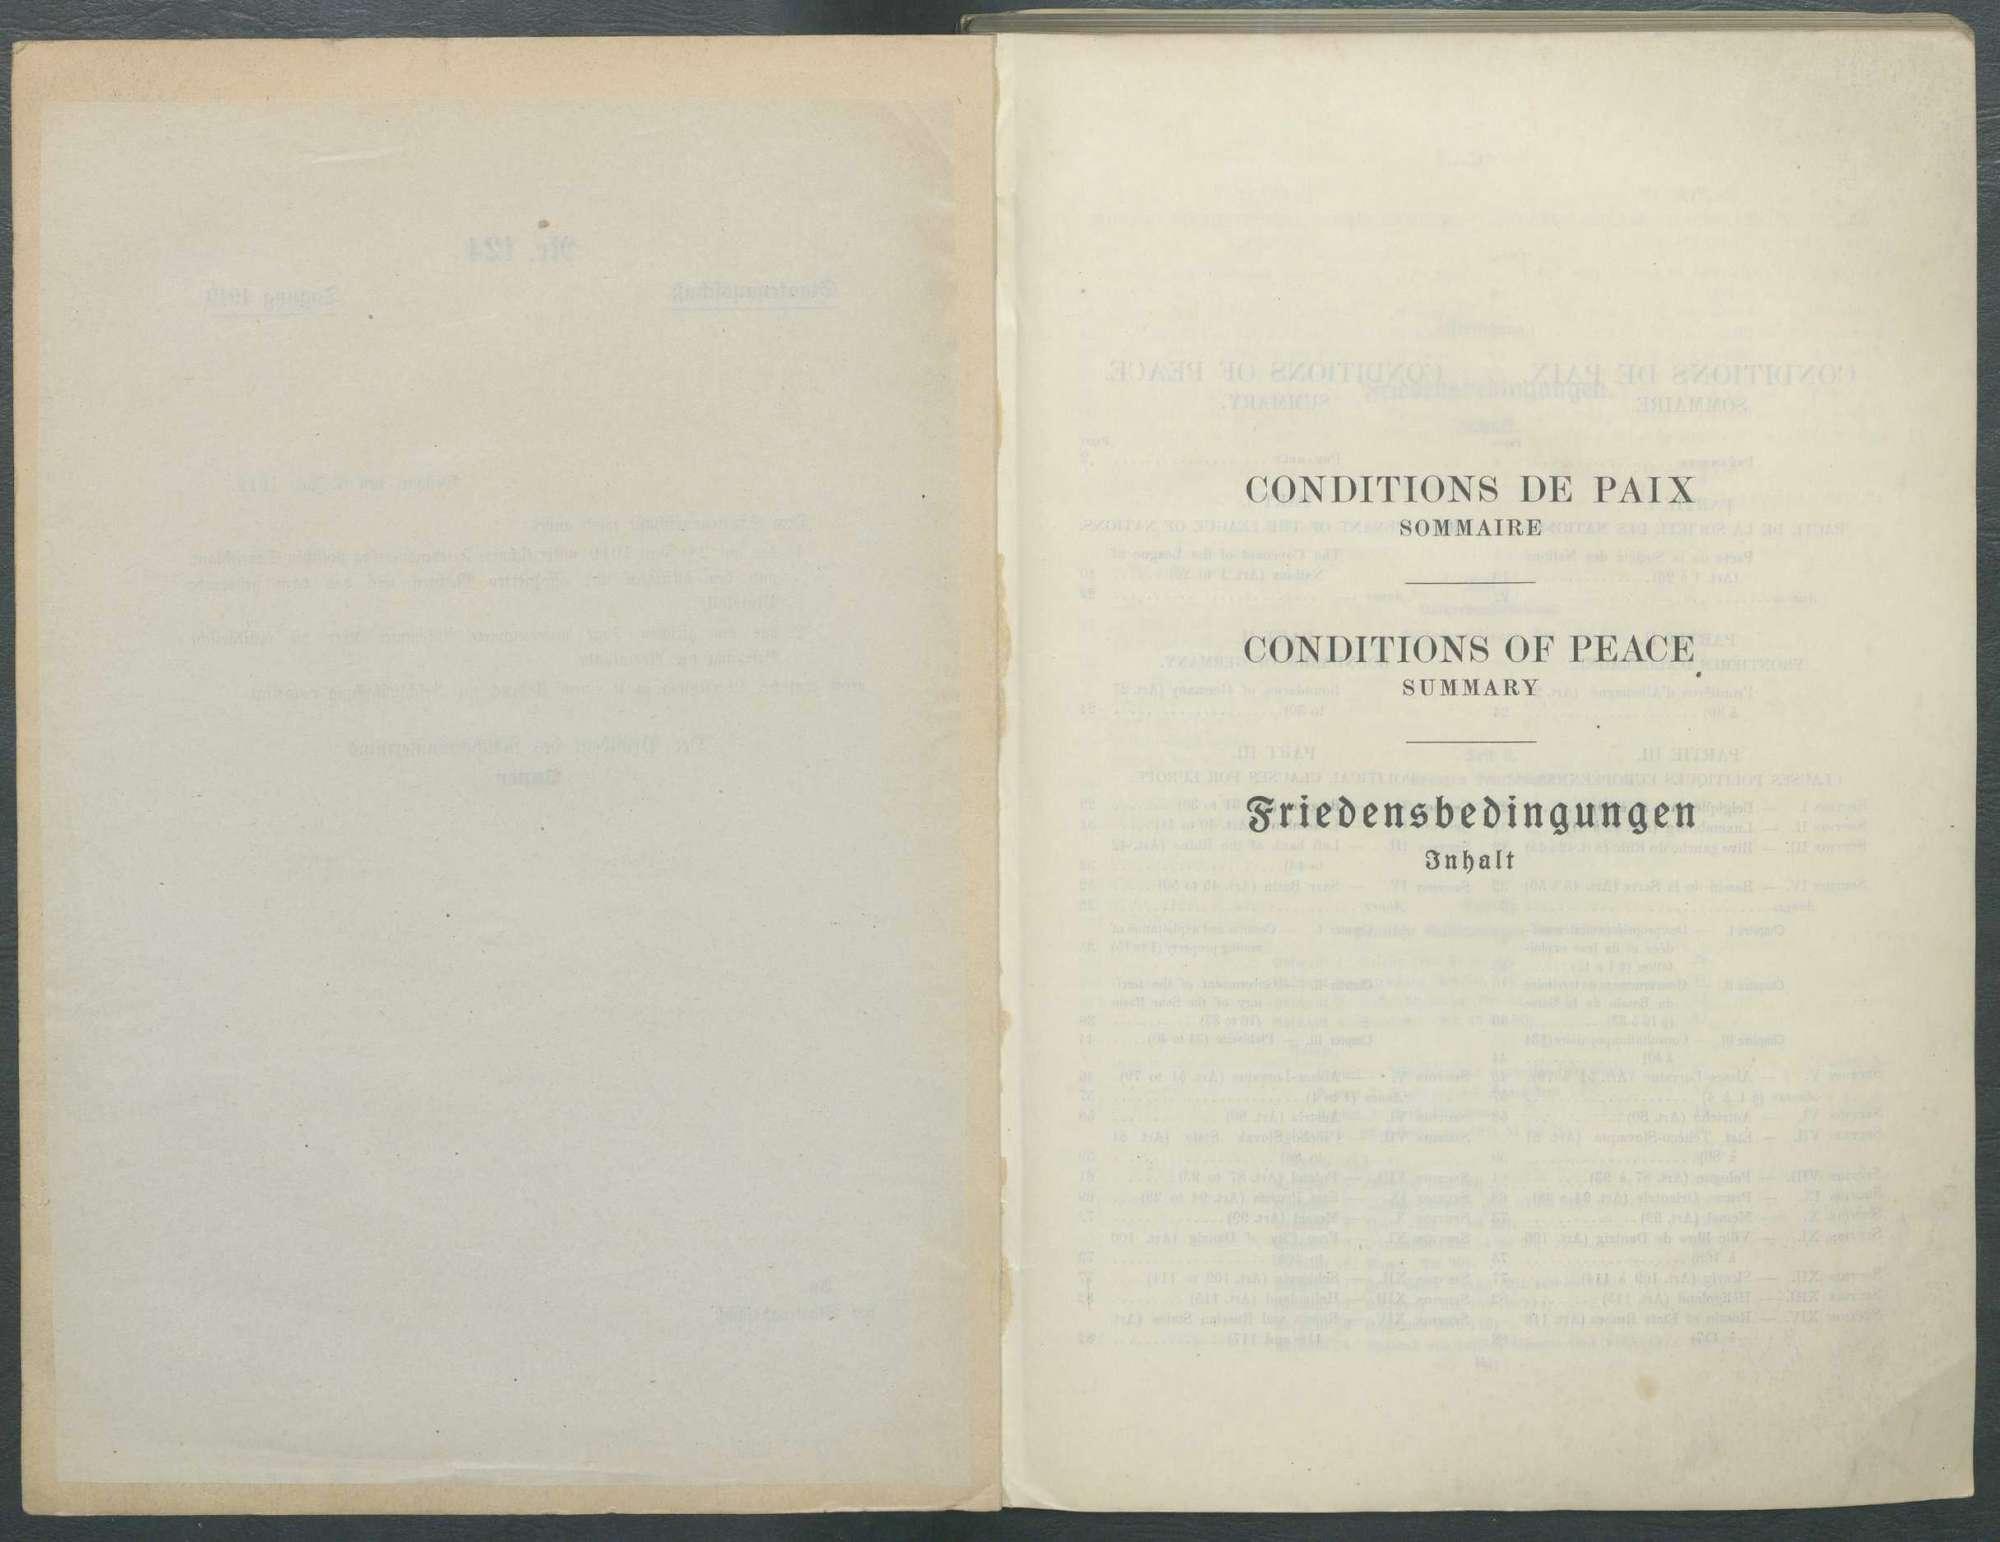 Wortlaut des Friedensvertrags von Versailles, Bild 3